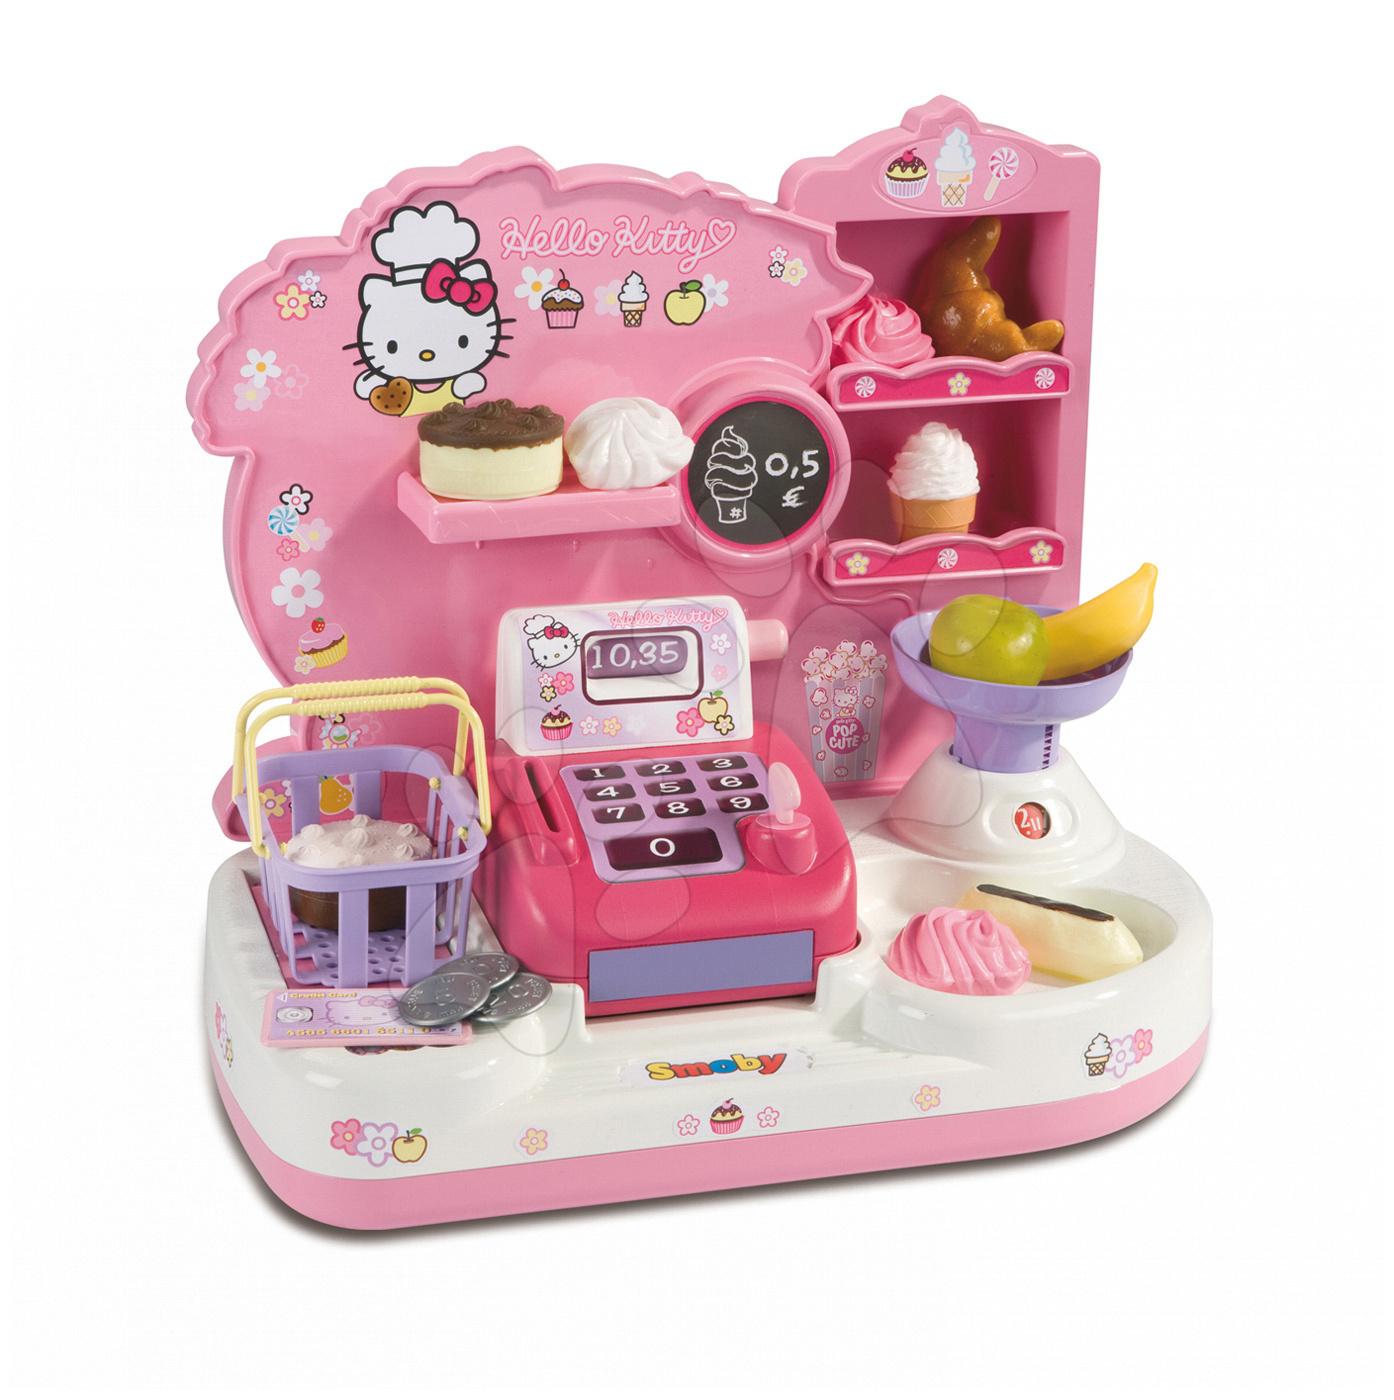 Obchůdek Hello Kitty Smoby s pokladnou se 16 doplňky